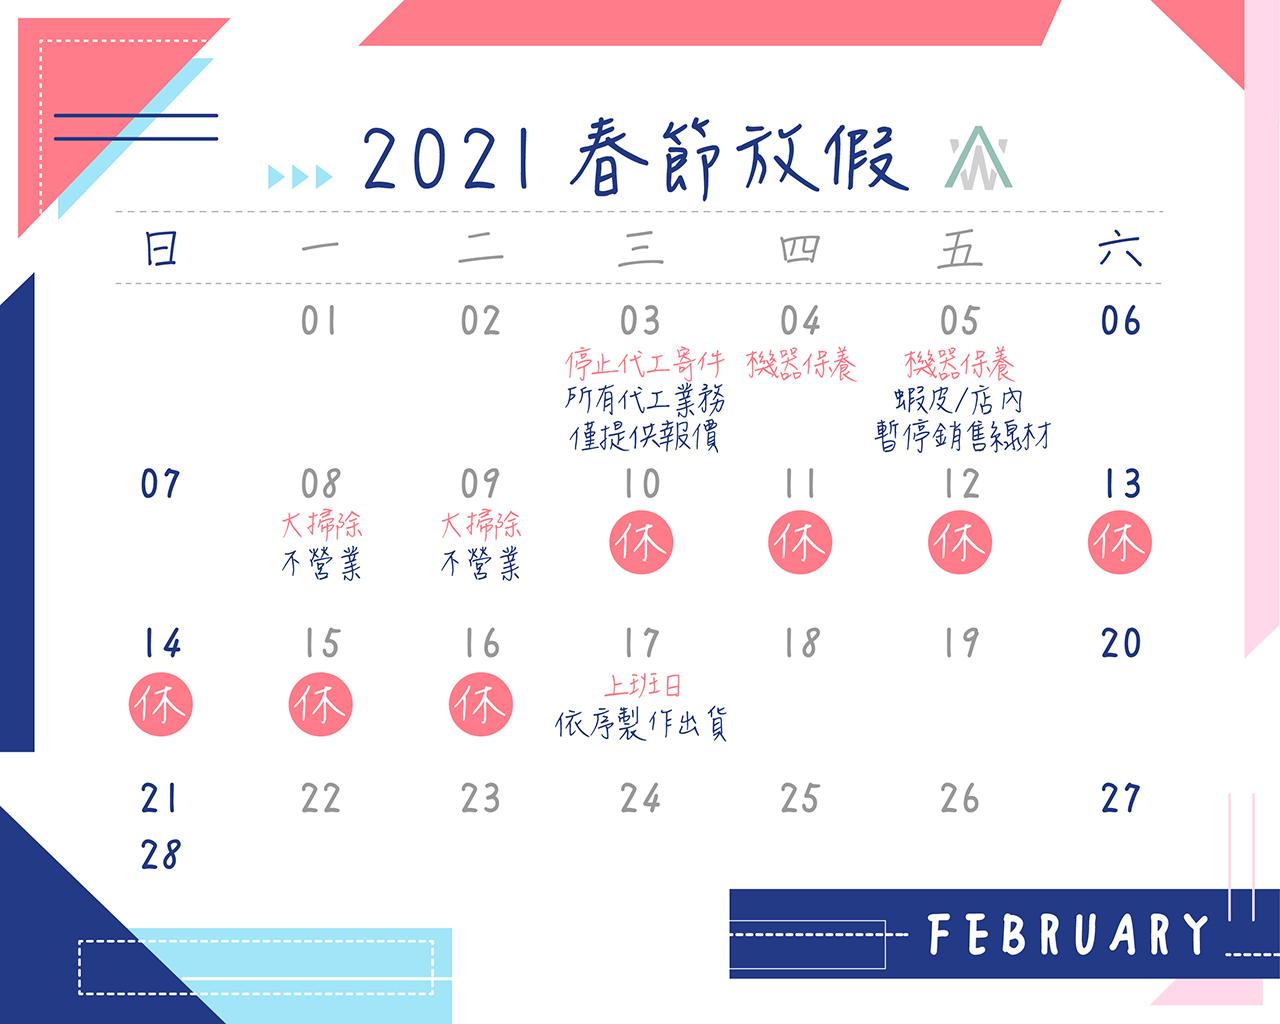 20200202_2021春節放假